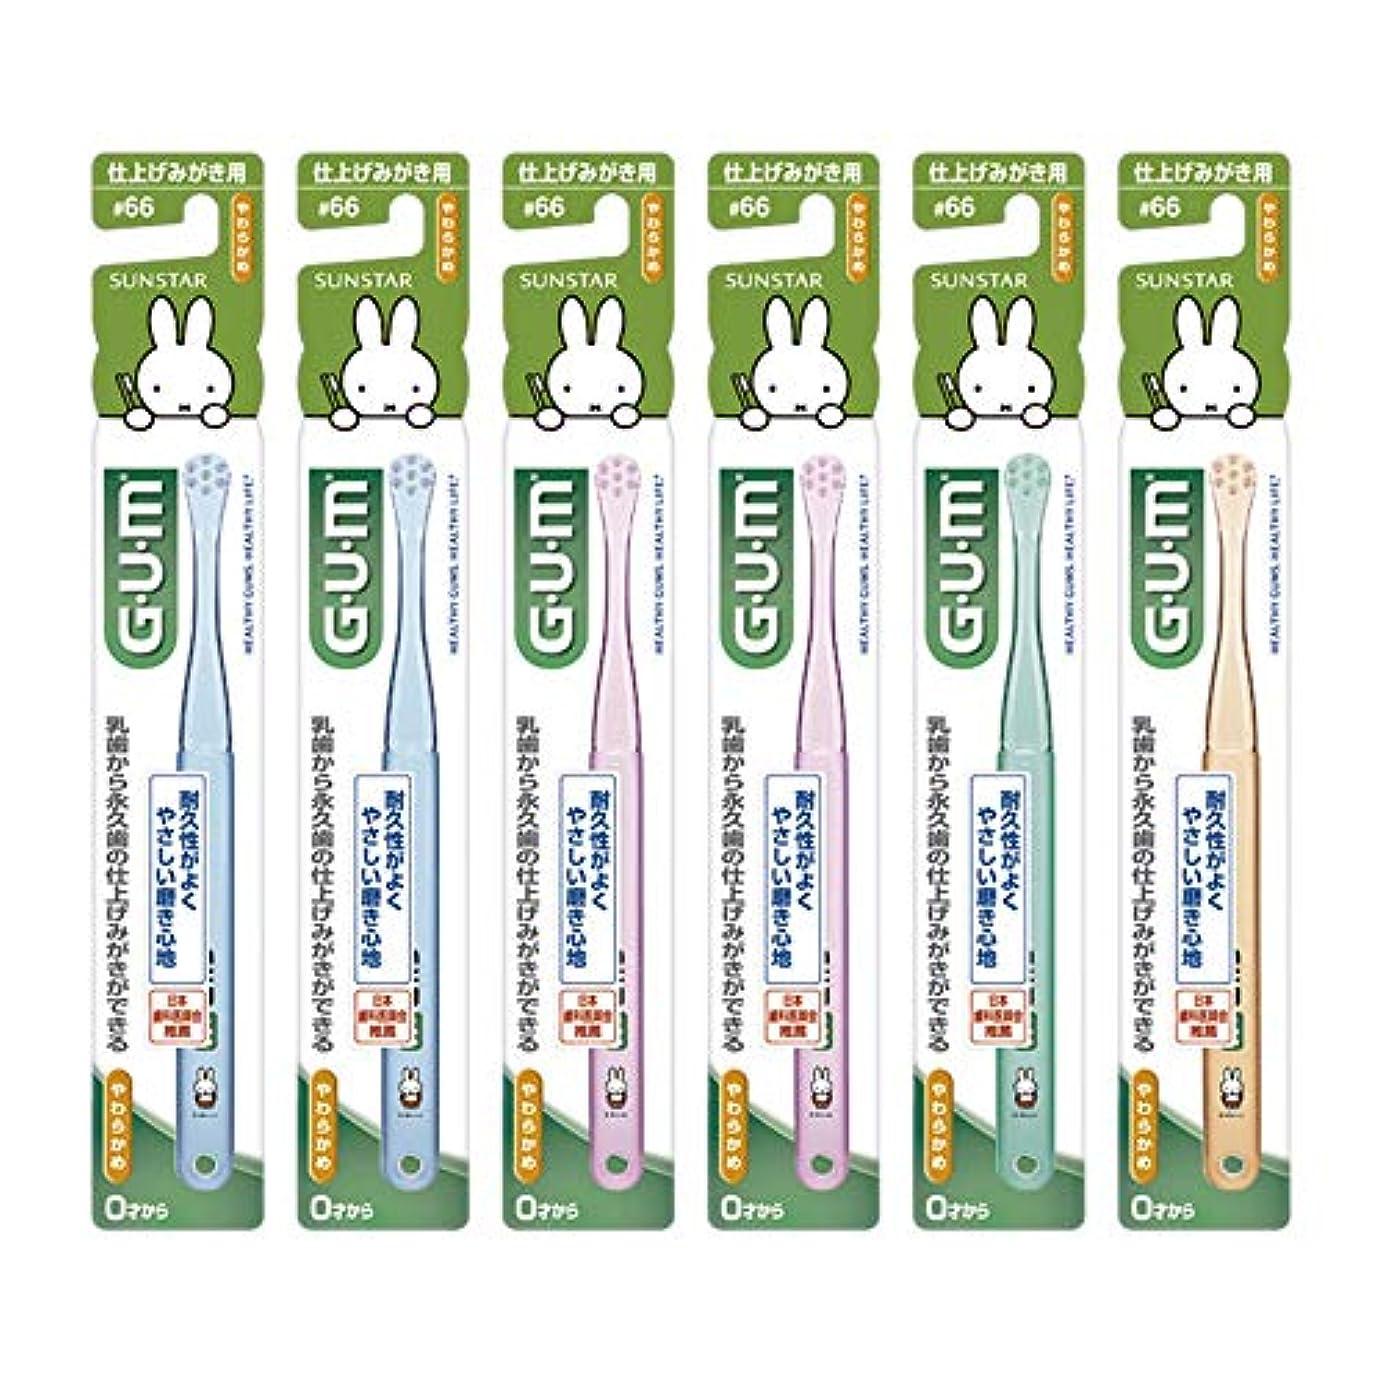 あなたのものショット文明化GUM(ガム) デンタル こども 歯ブラシ #66 [仕上げみがき用/やわらかめ] 6本パック+ おまけつき【Amazon.co.jp限定】